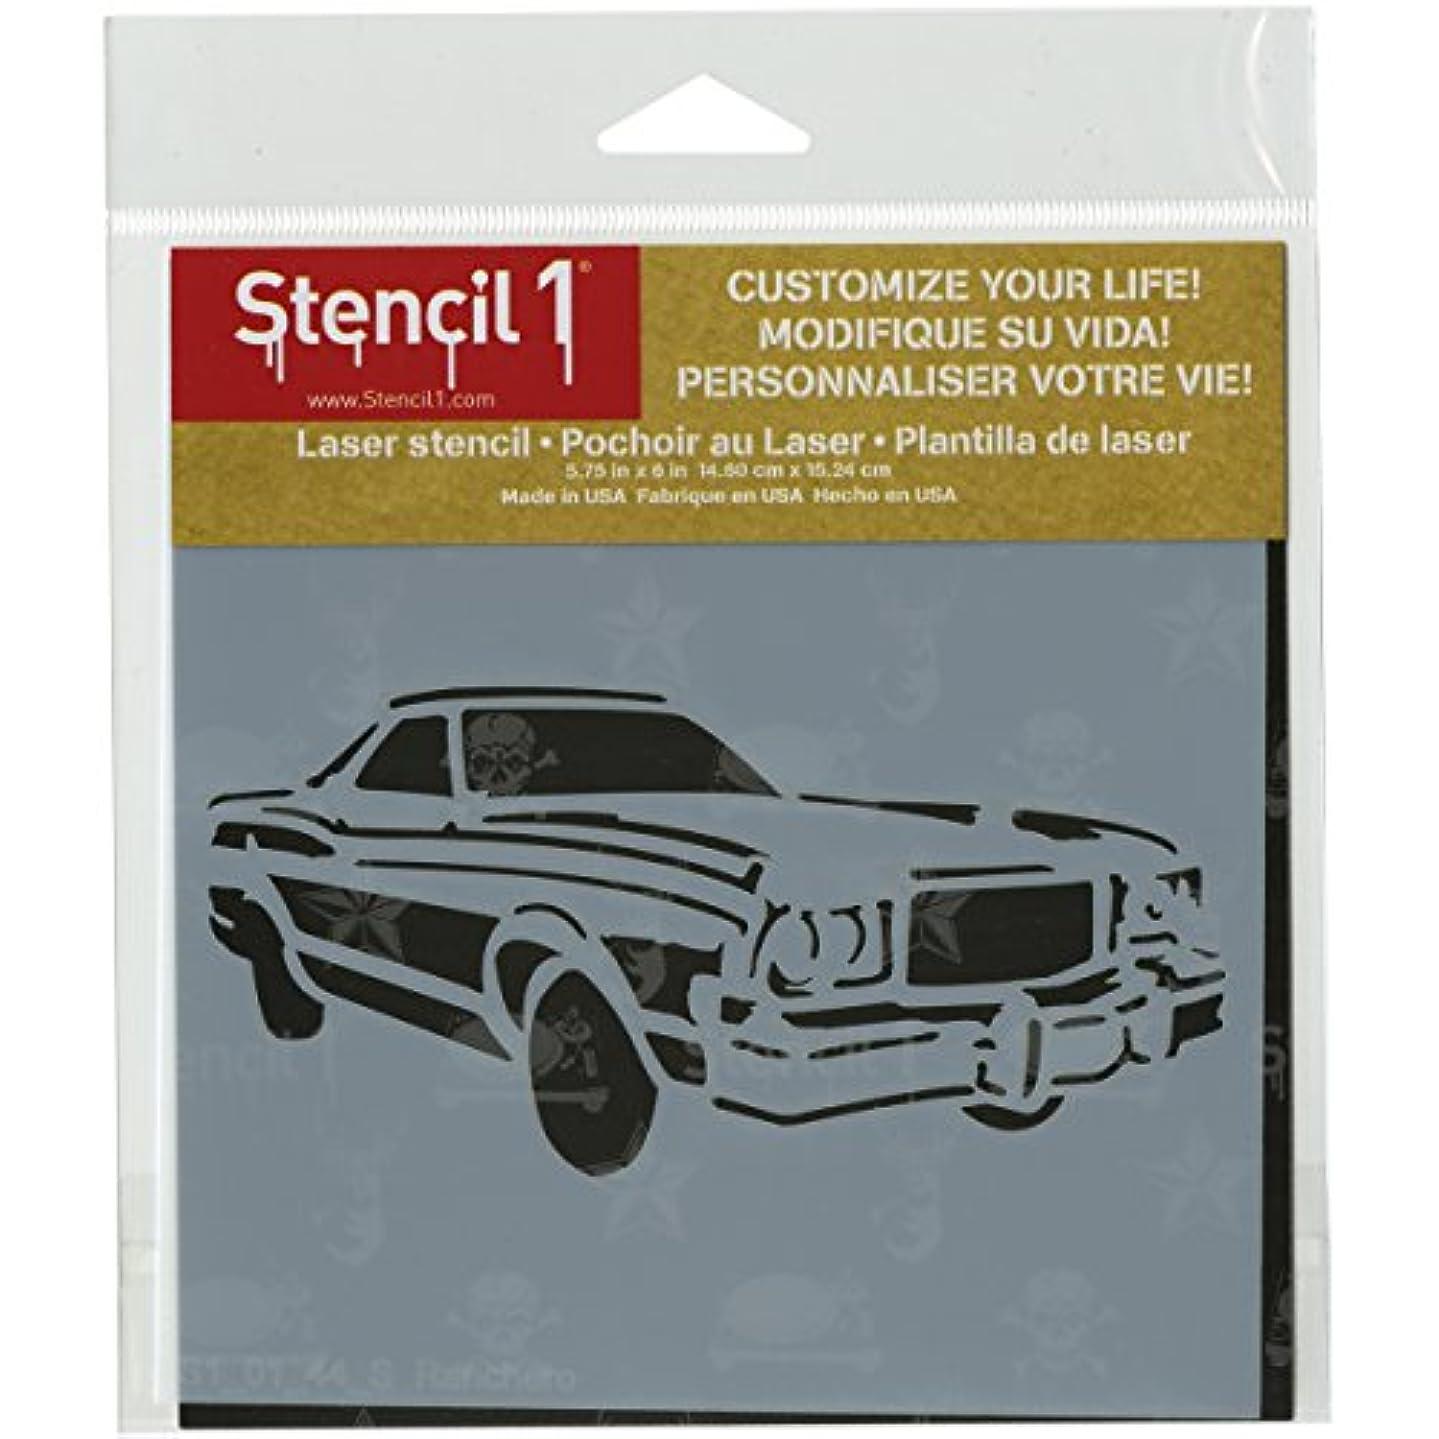 Stencil1 Ranchero Stencil, 6 x 6